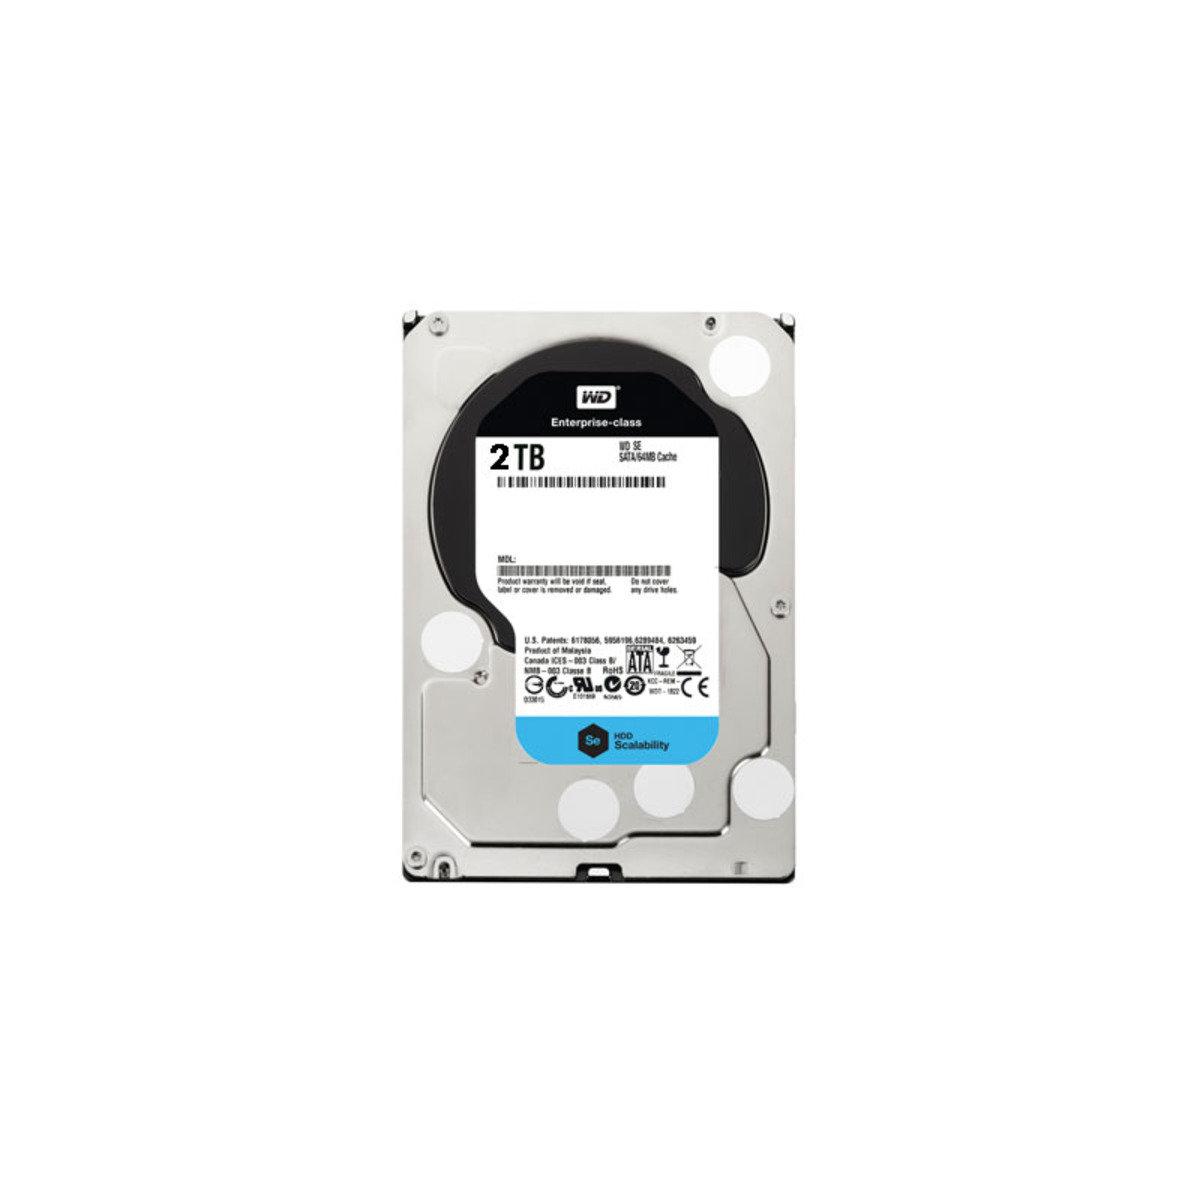 3.5 吋 DataCenter 2TB SATA 內置硬碟 SE WD2000F9YZ